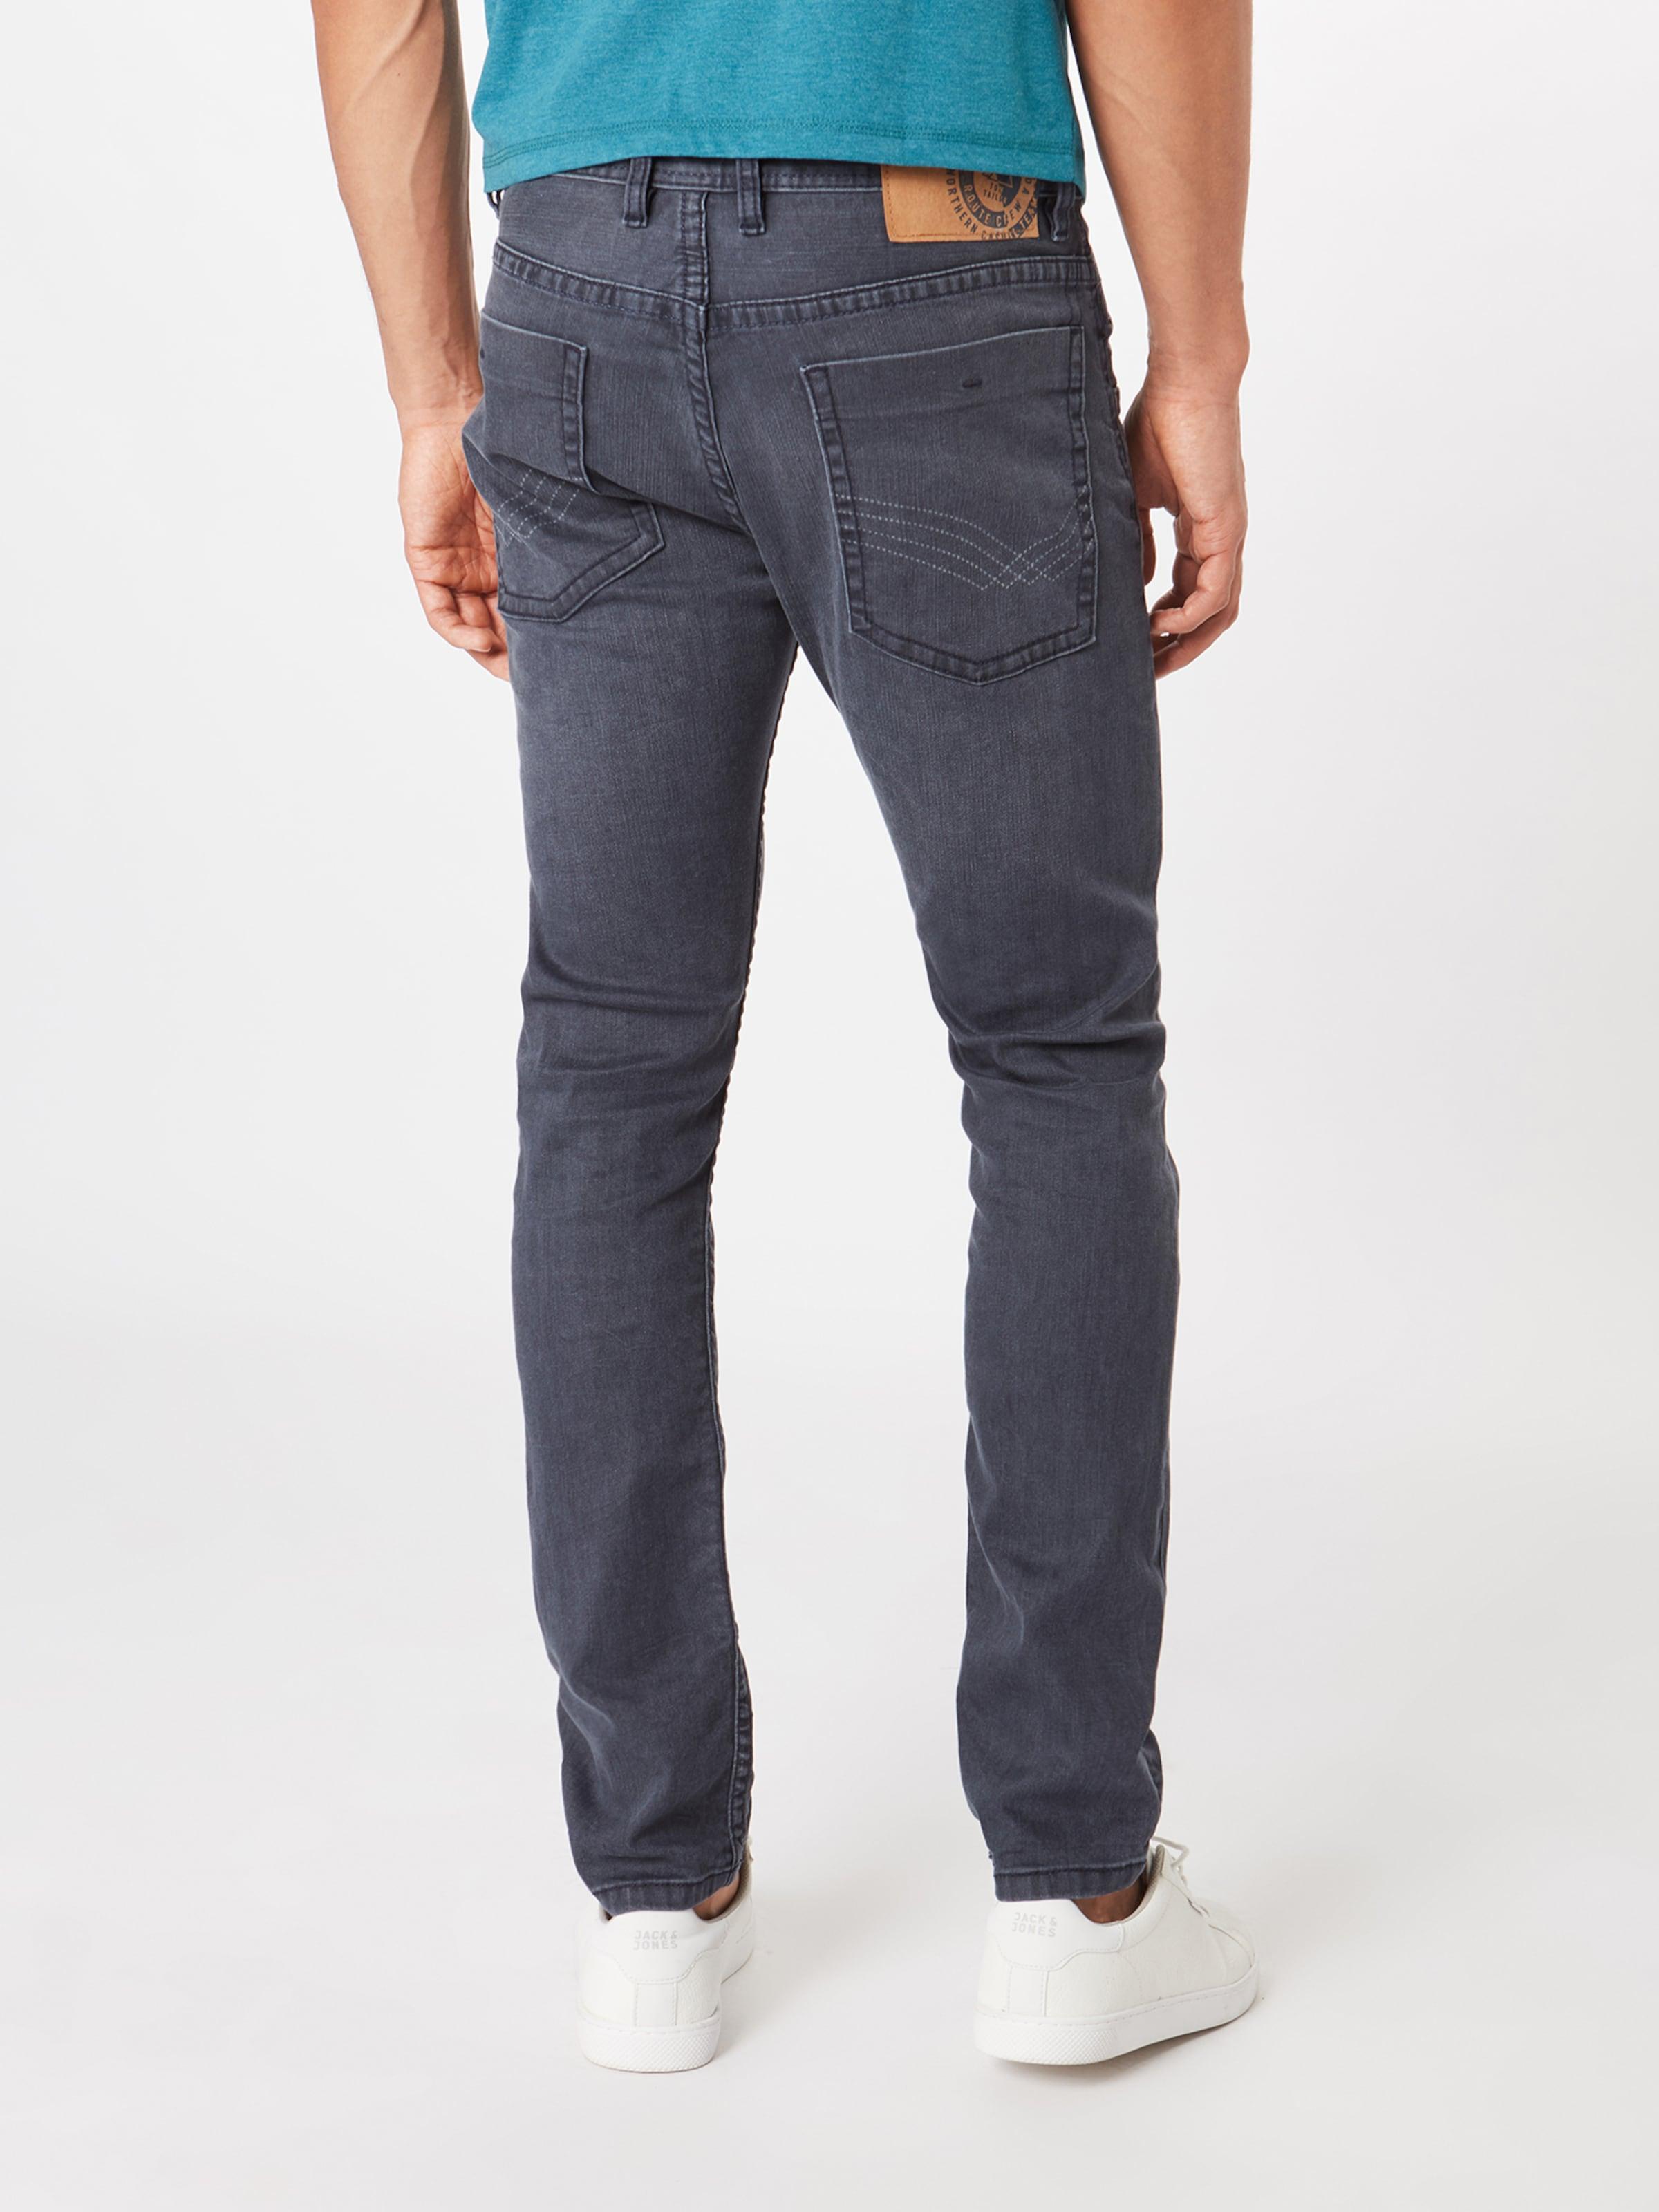 Tom '5 Pocket Gris Jean En Denim Tailor Troy' odxWEQCBer